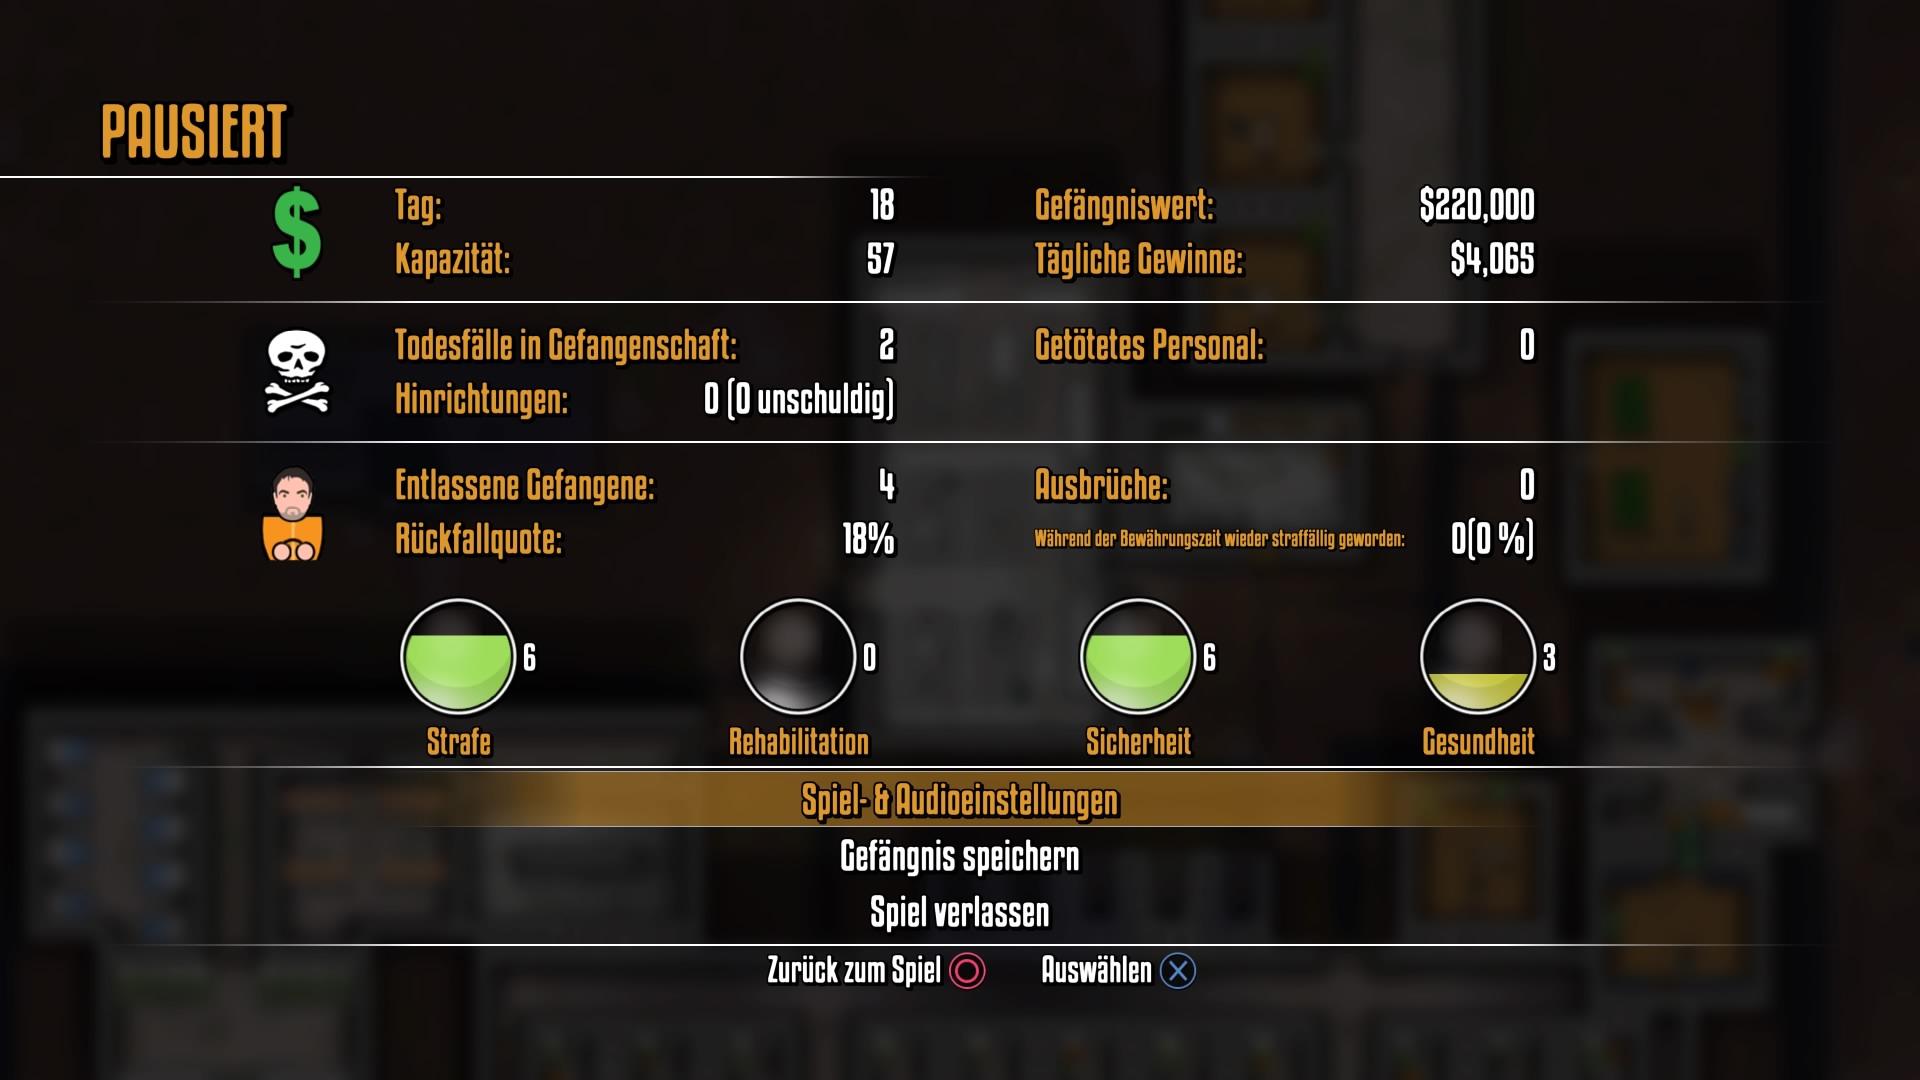 Im Pausebildschirm sehen wir eine ausführliche Statistik über unser Gefängnis.